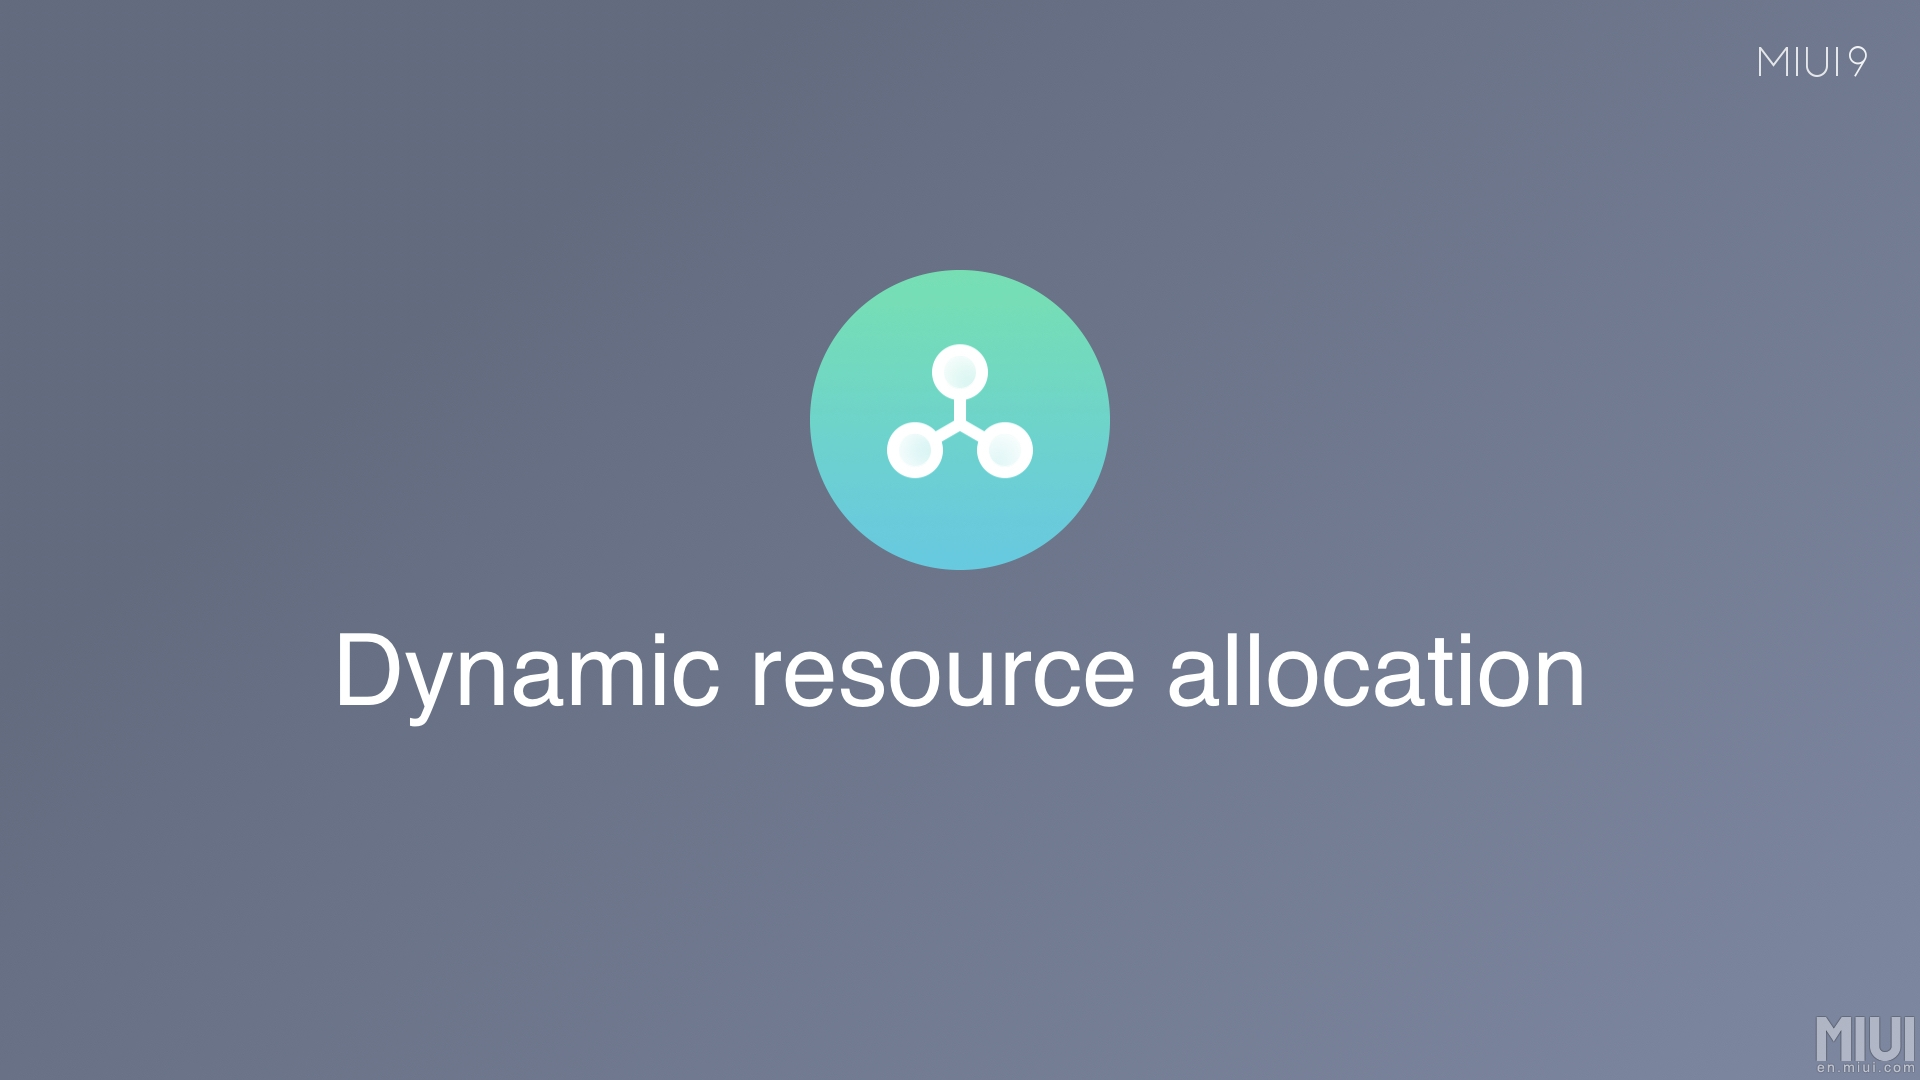 MIUI 9 Asignación dinámica de recursos